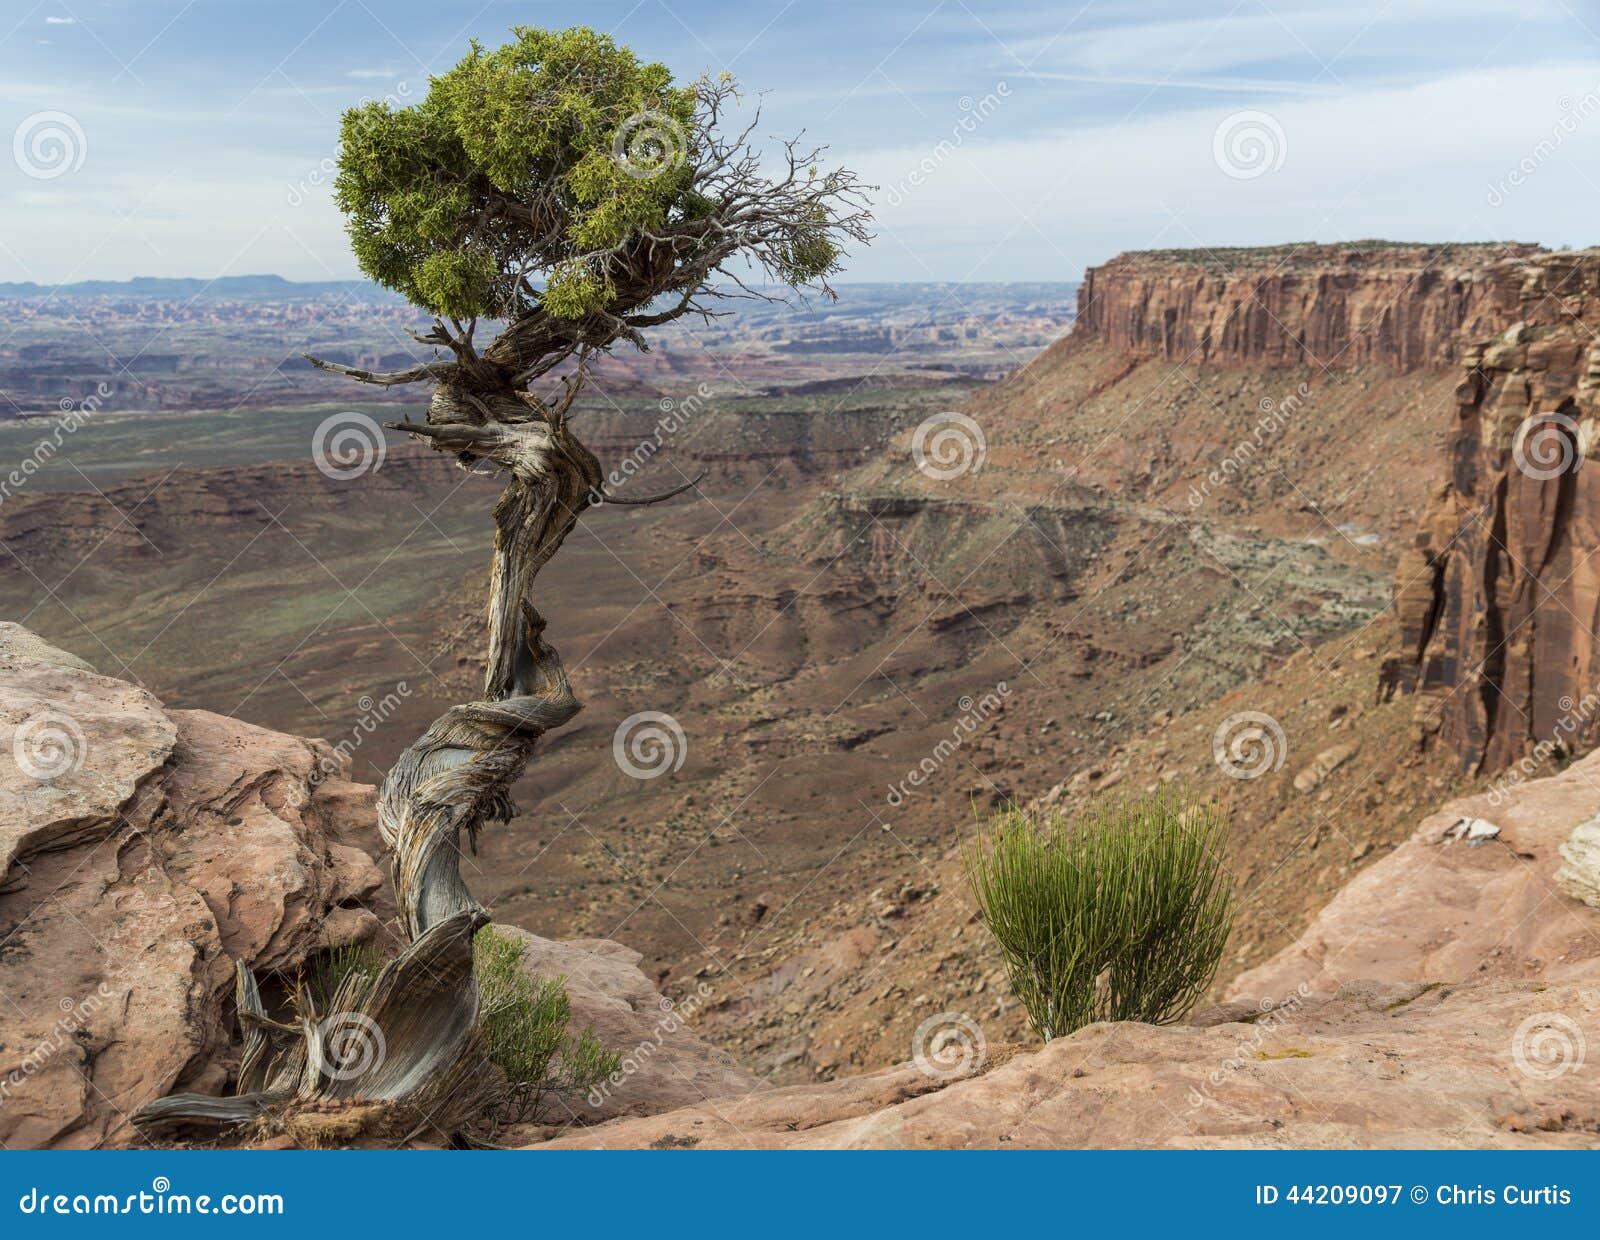 Utah Juniper Tree and Canyon at Canyonlands in Utah